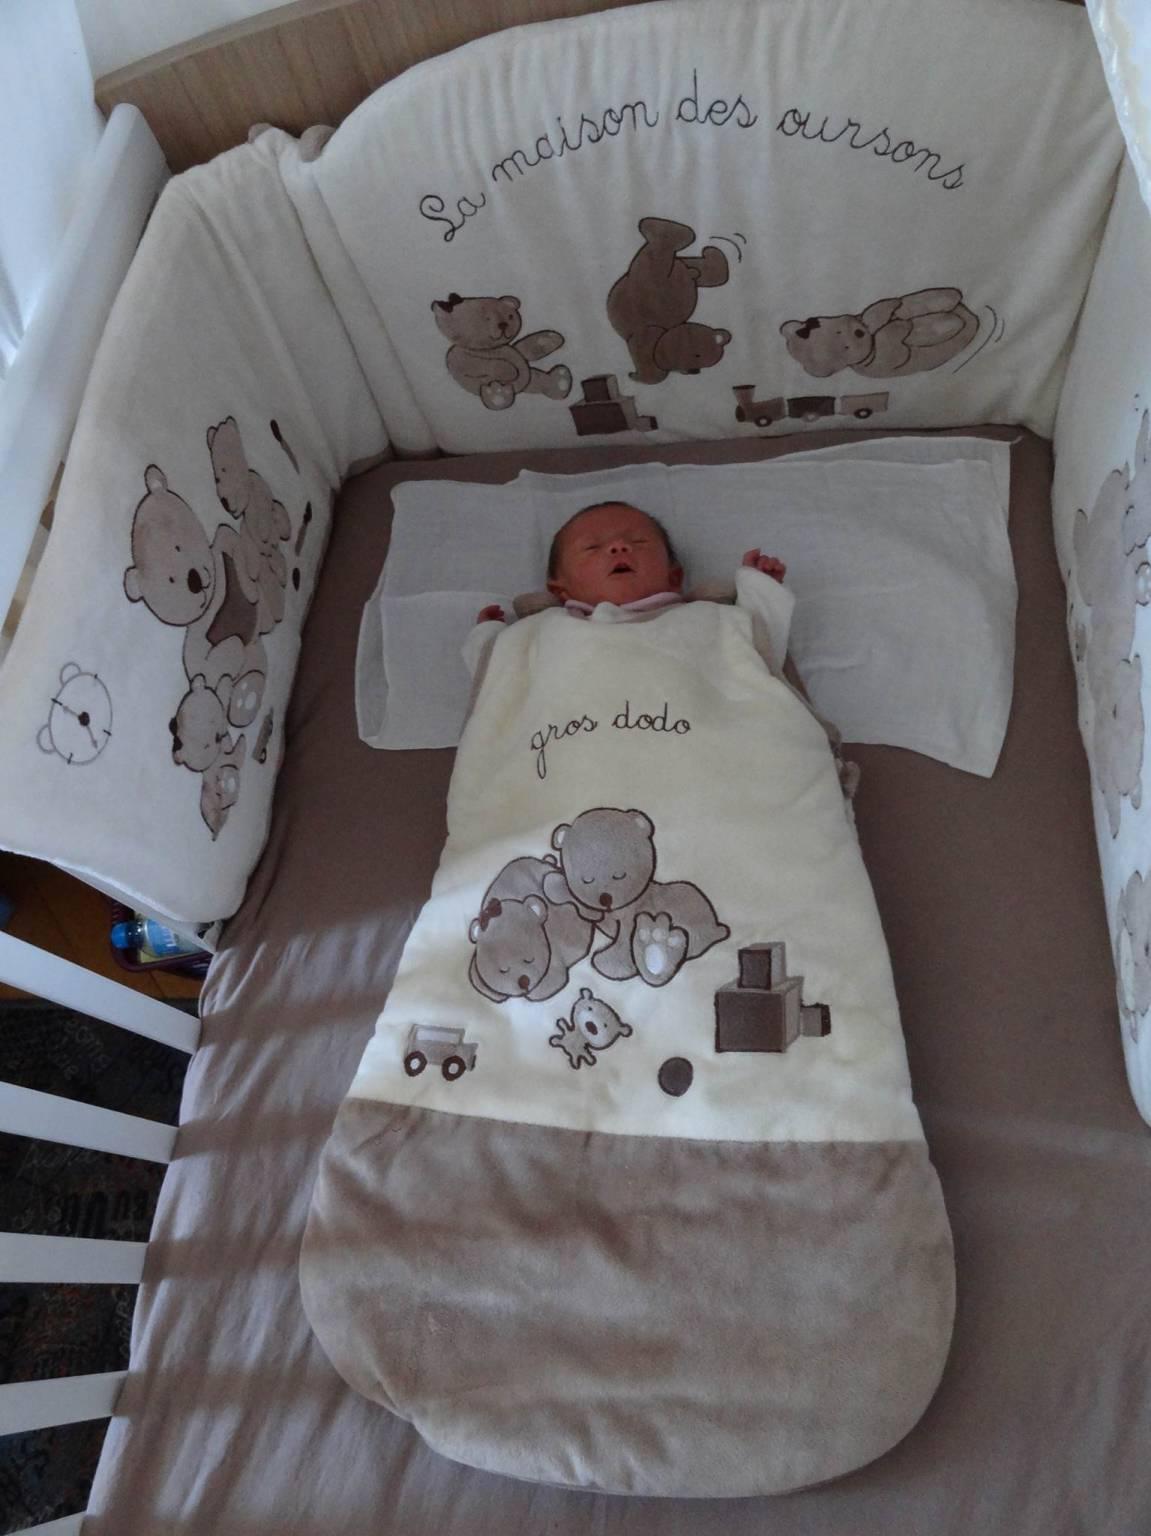 lit pour b b enfant tour de lit 2 rideaux t hiver. Black Bedroom Furniture Sets. Home Design Ideas